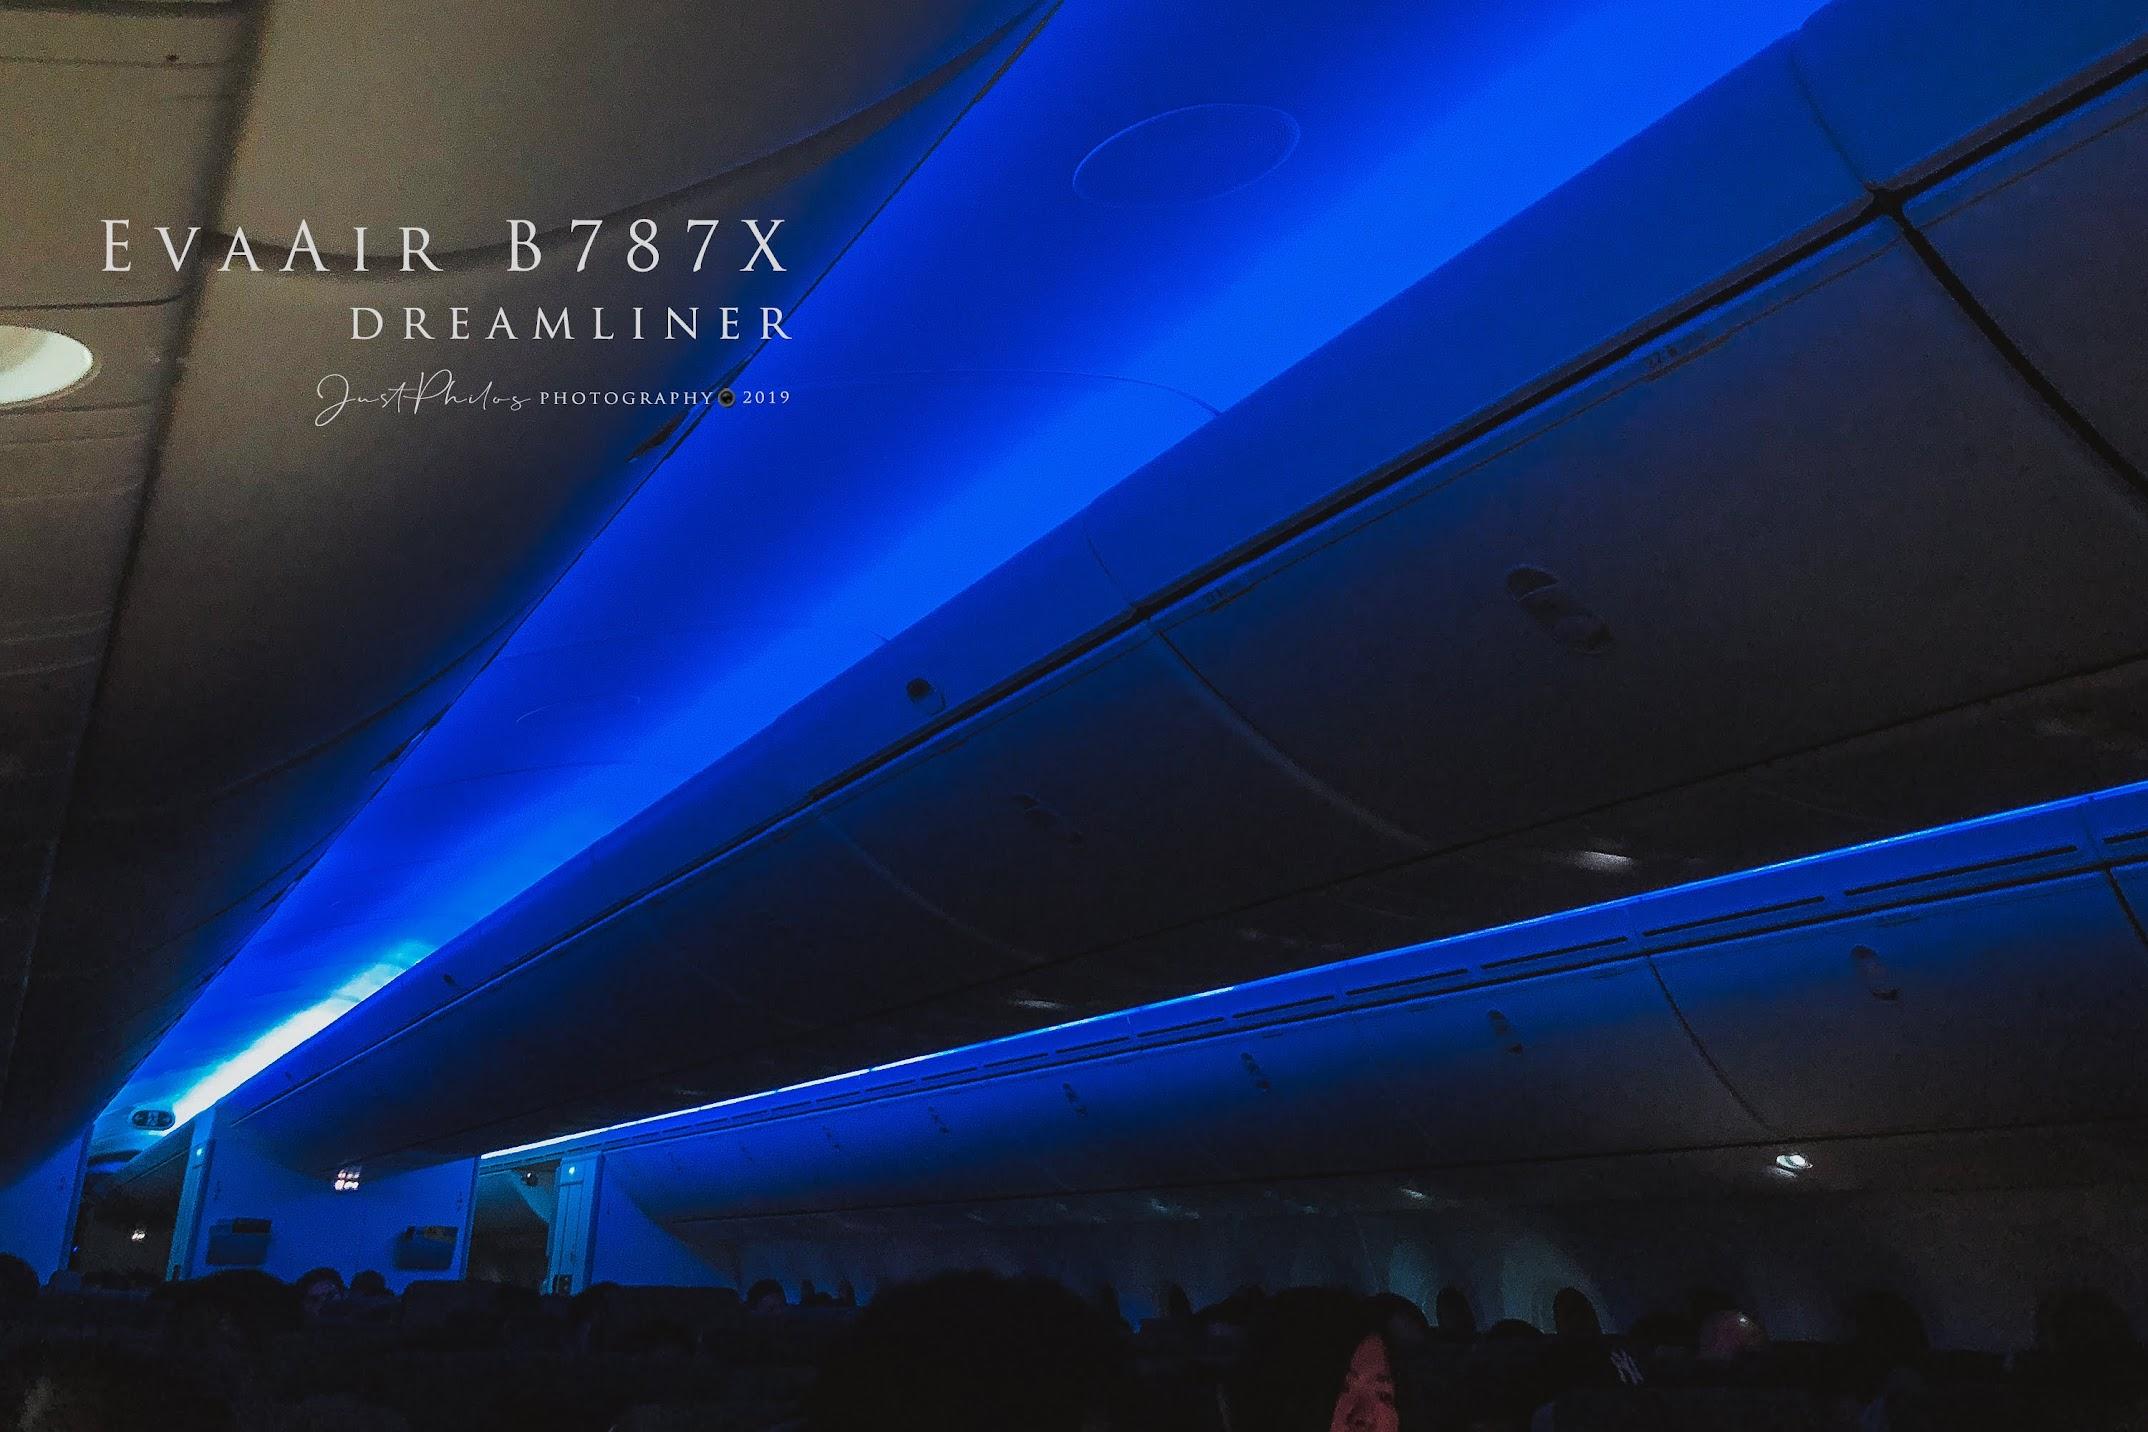 夜間飛行時長榮B787的艙內會改用不同顏色的艙內燈光變化,形成艙內一種特殊的燈光氛圍。